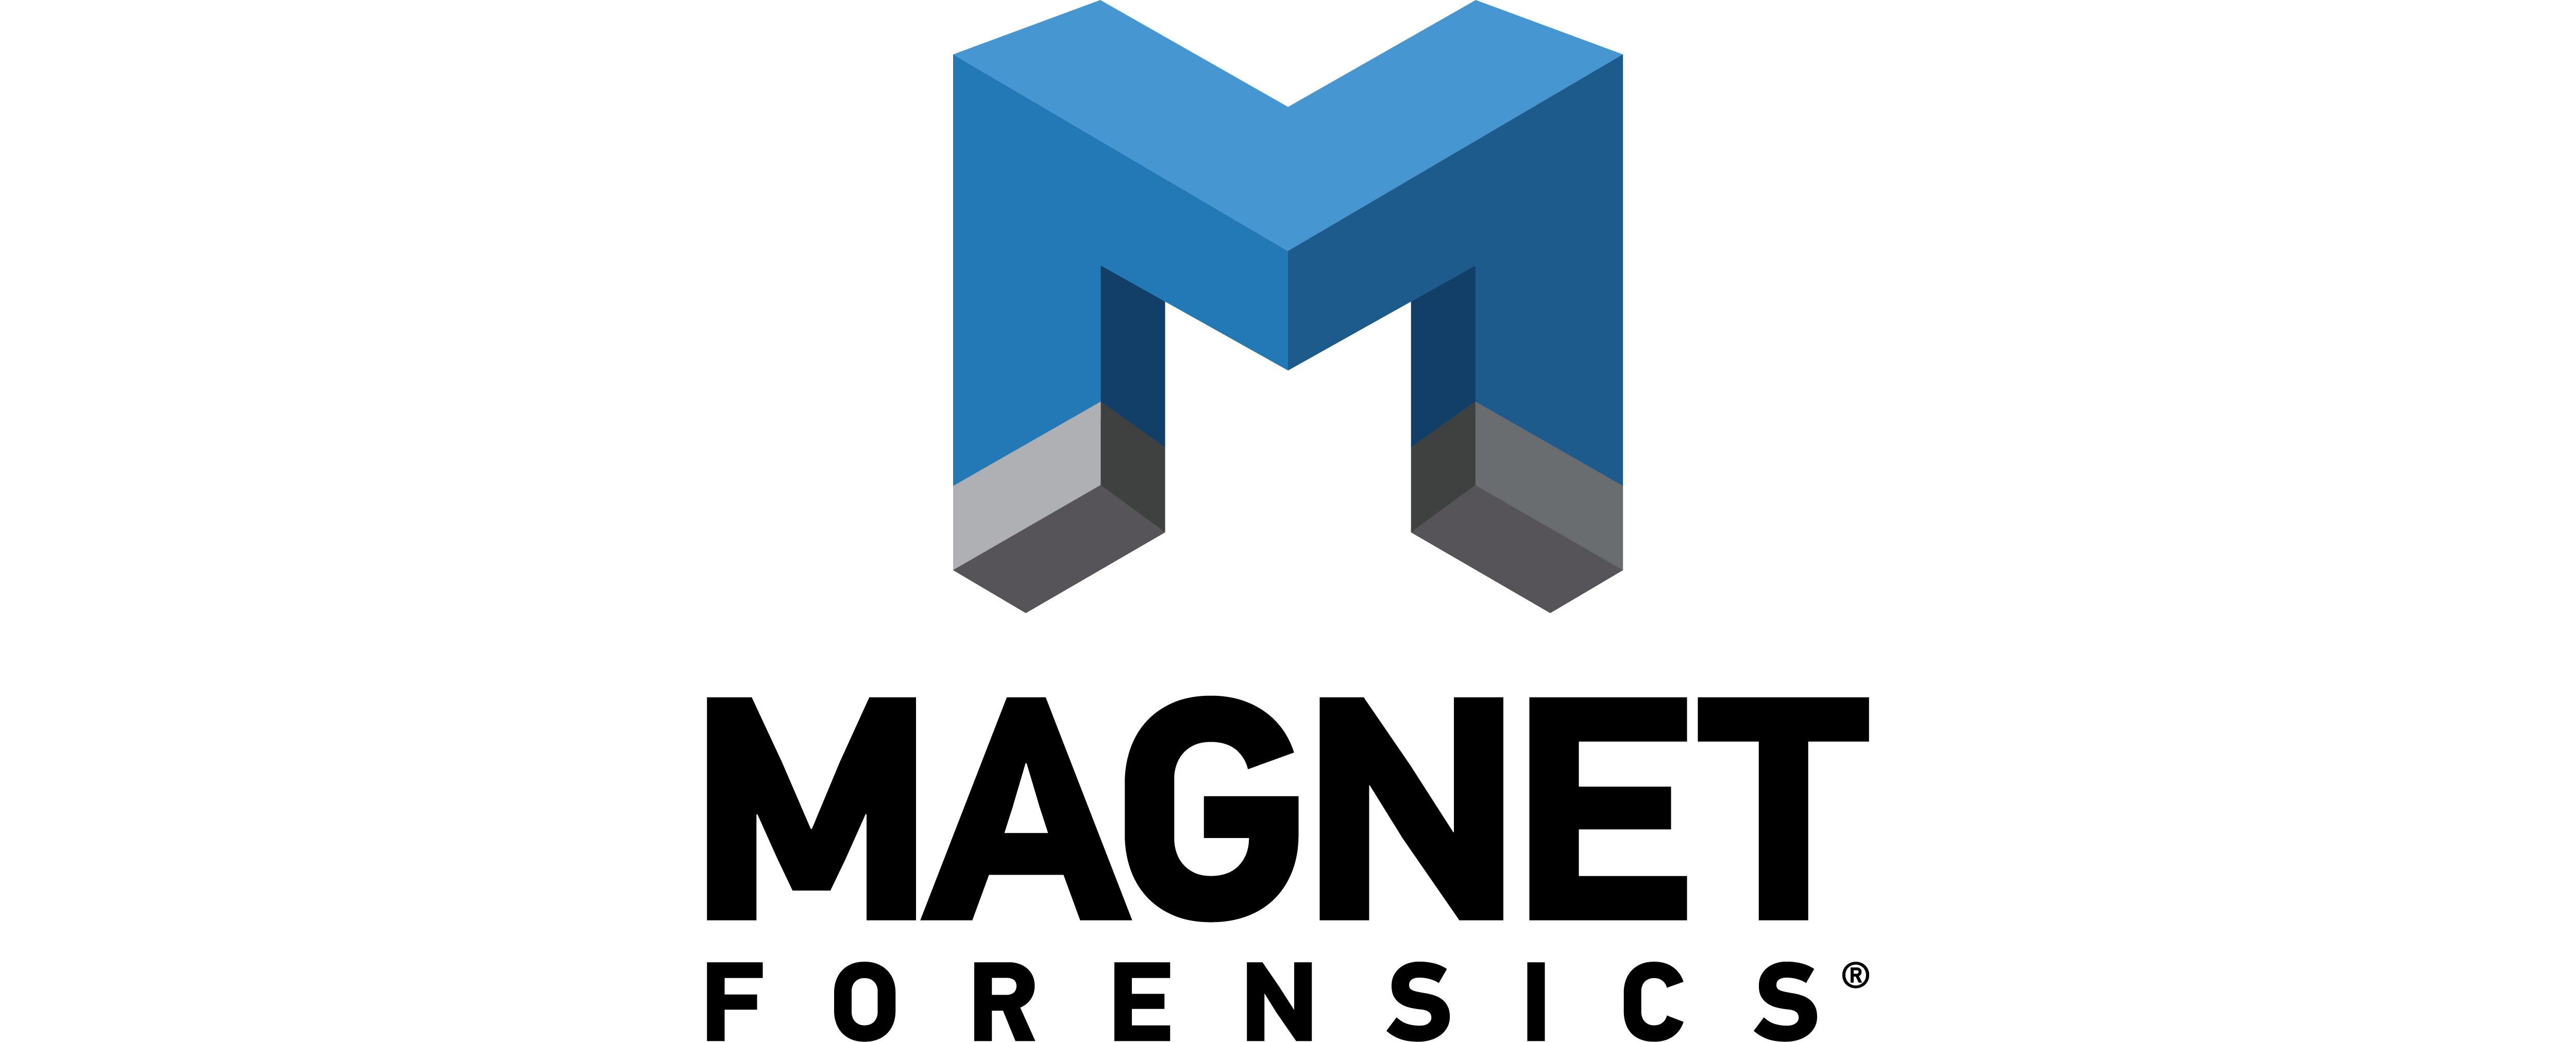 Magnet Forensics banner image